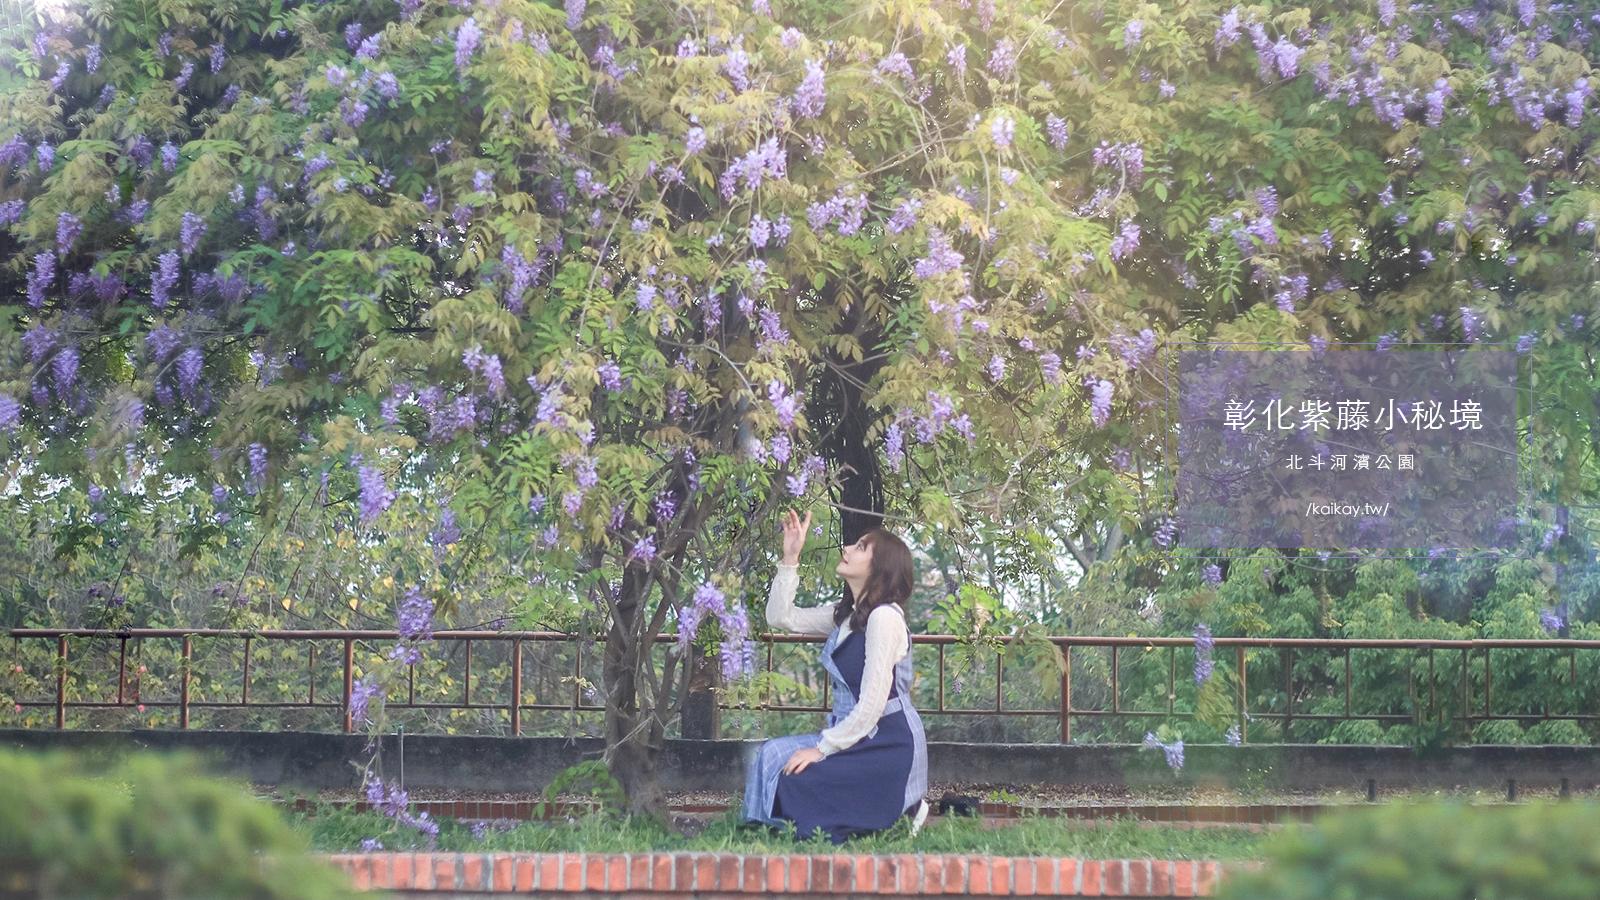 網站近期文章:☆【彰化景點】紫藤小秘境:浪漫紫色廊道|北斗河濱公園